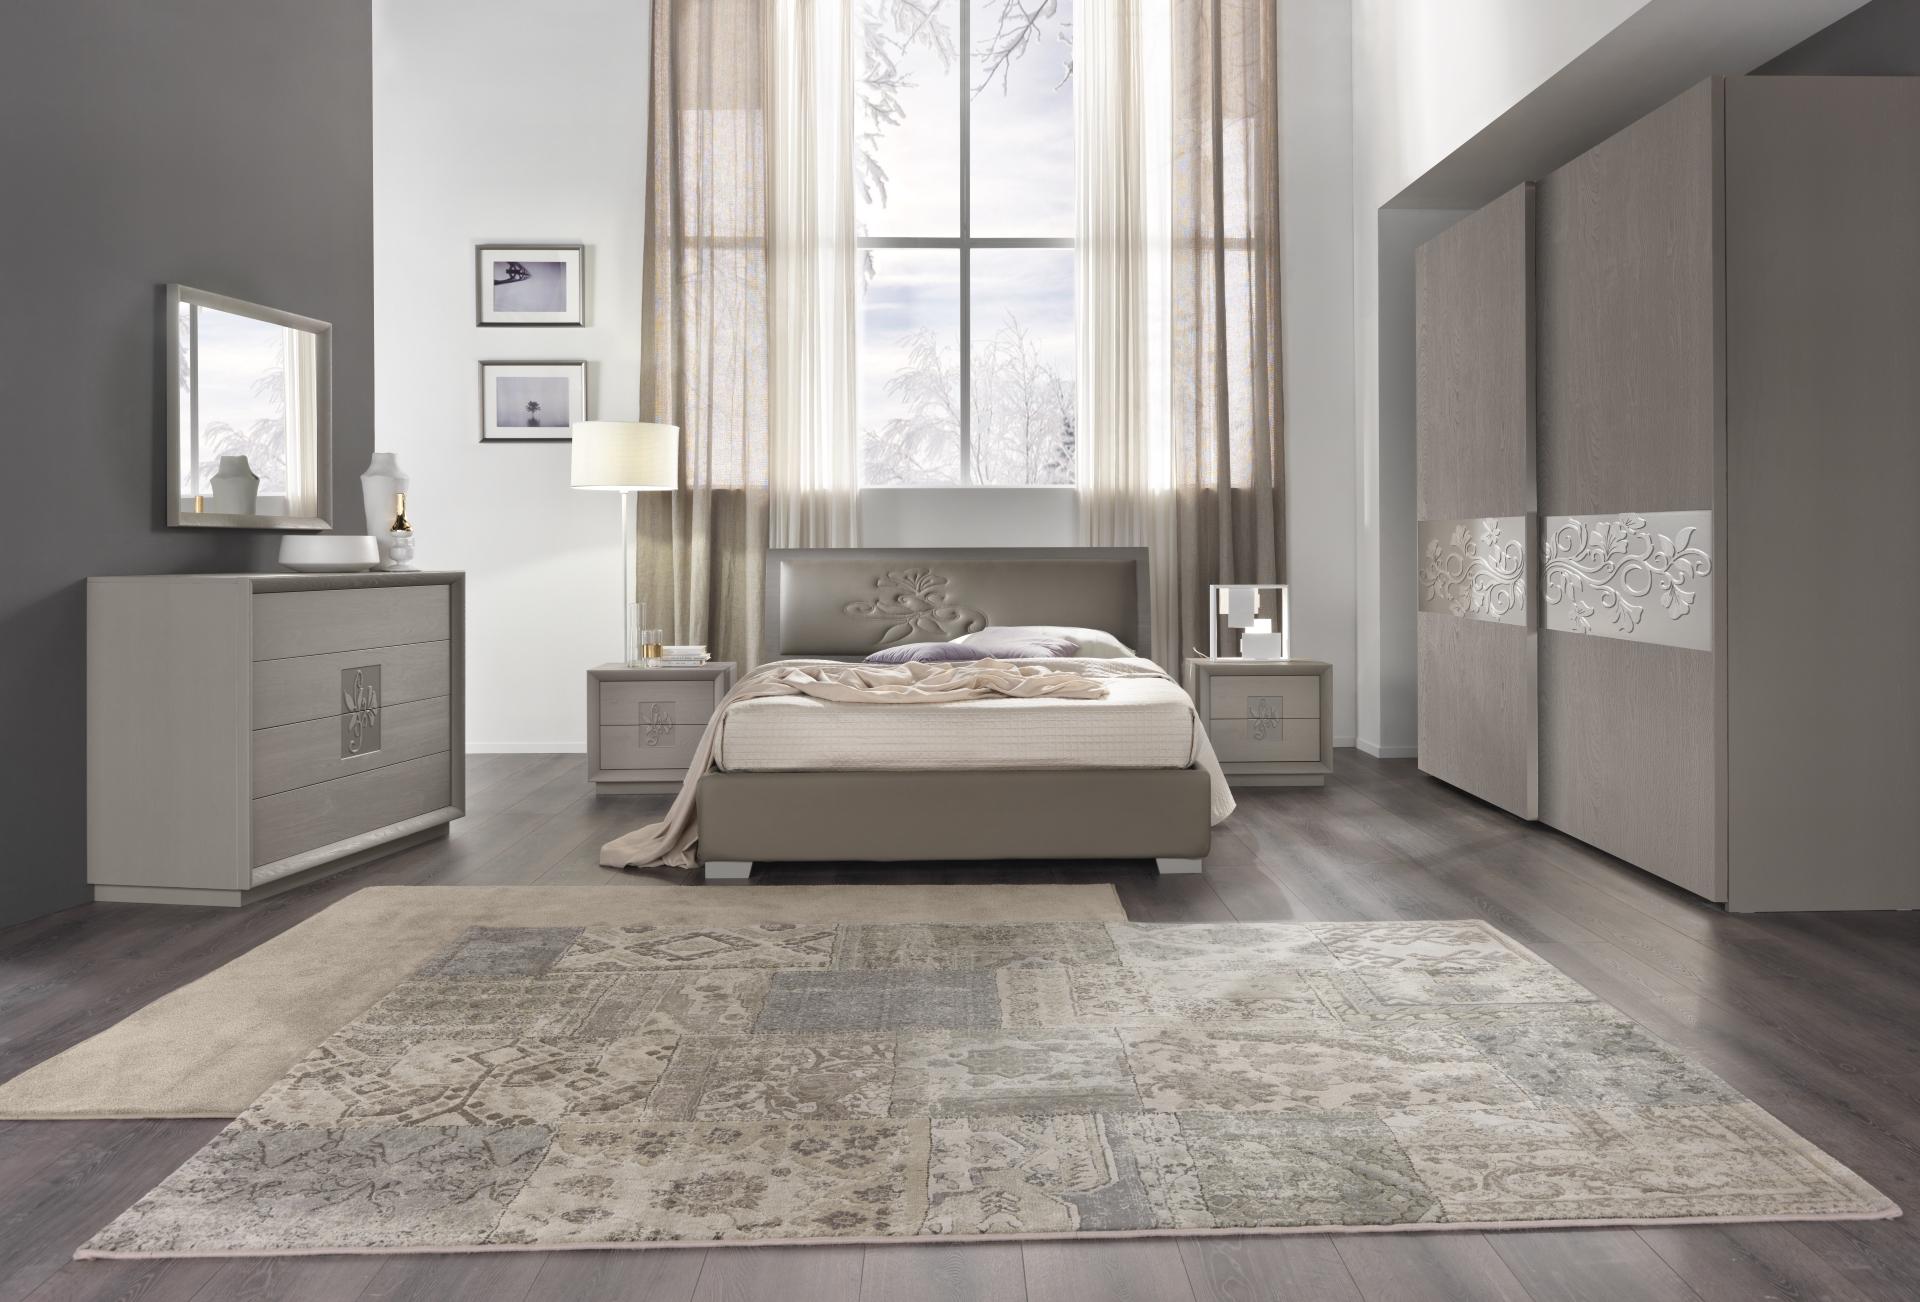 Promozione su Artemide Frassino Grey - Euro Design